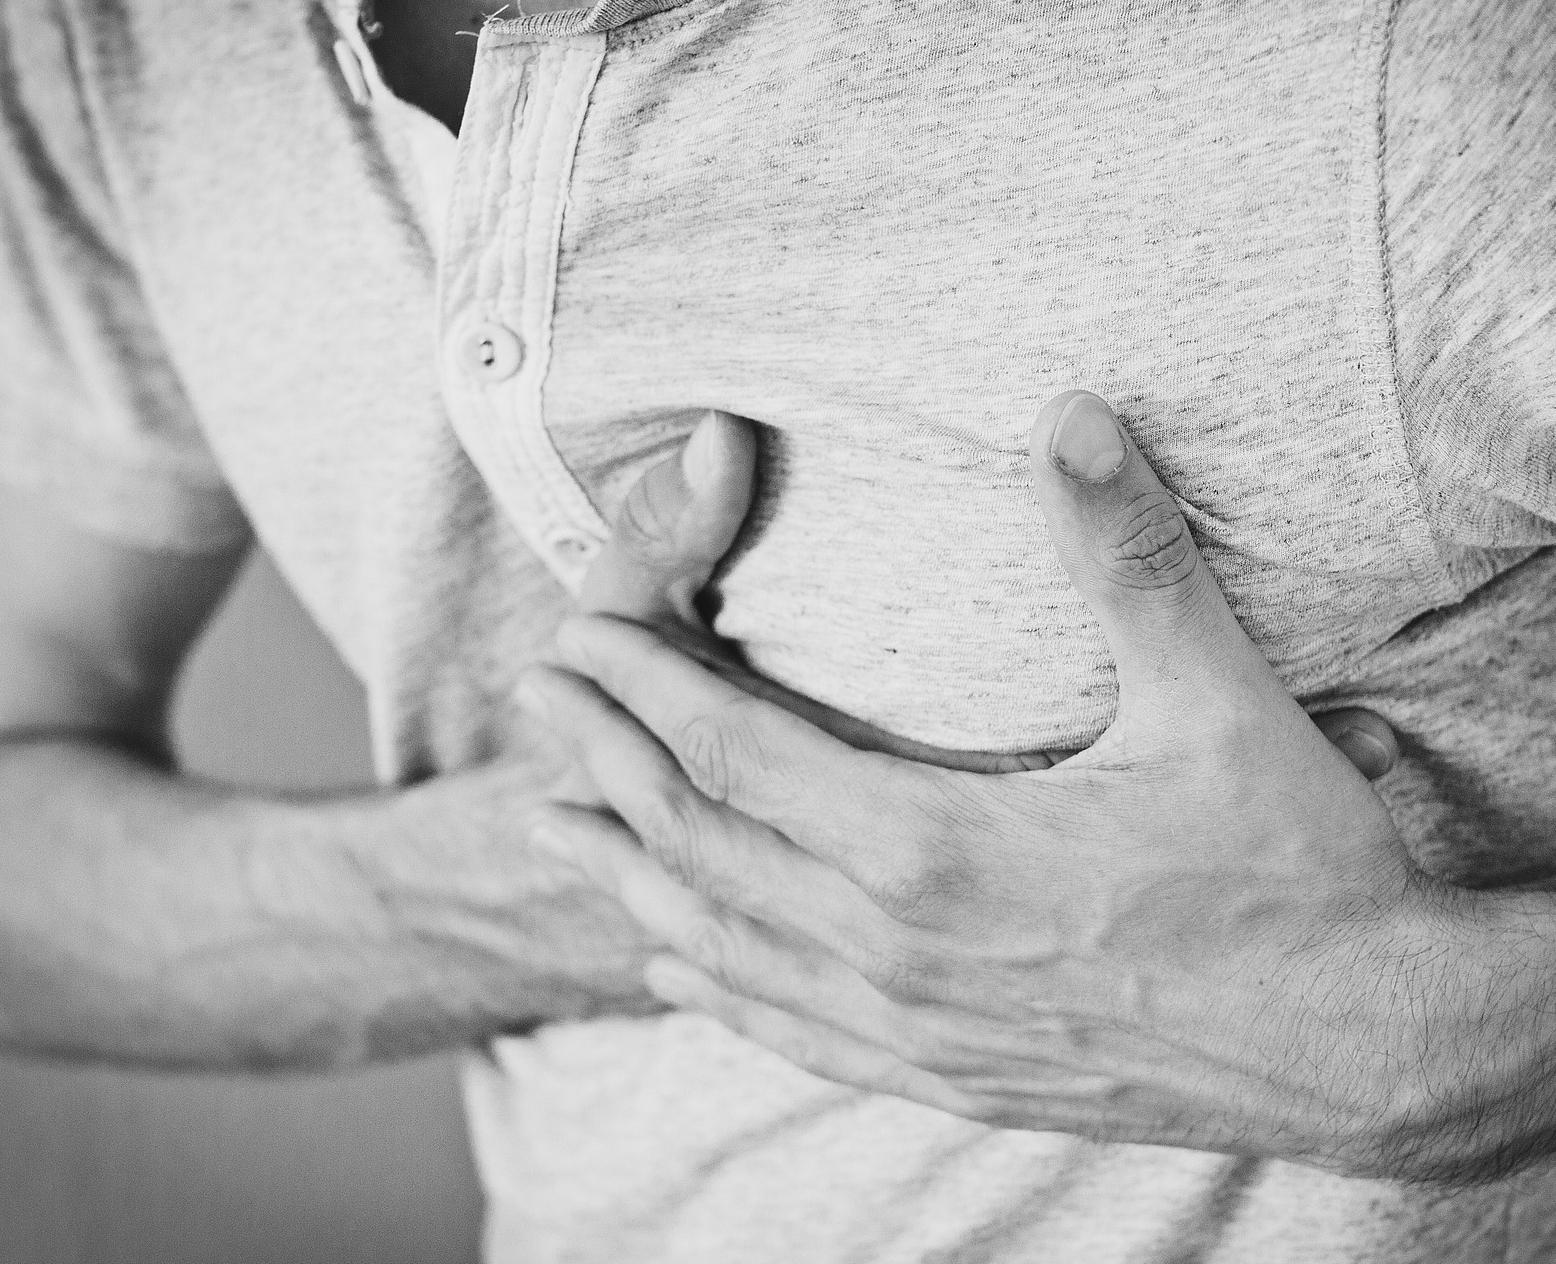 Jakie objawy mogą zwiastować zawał serca?